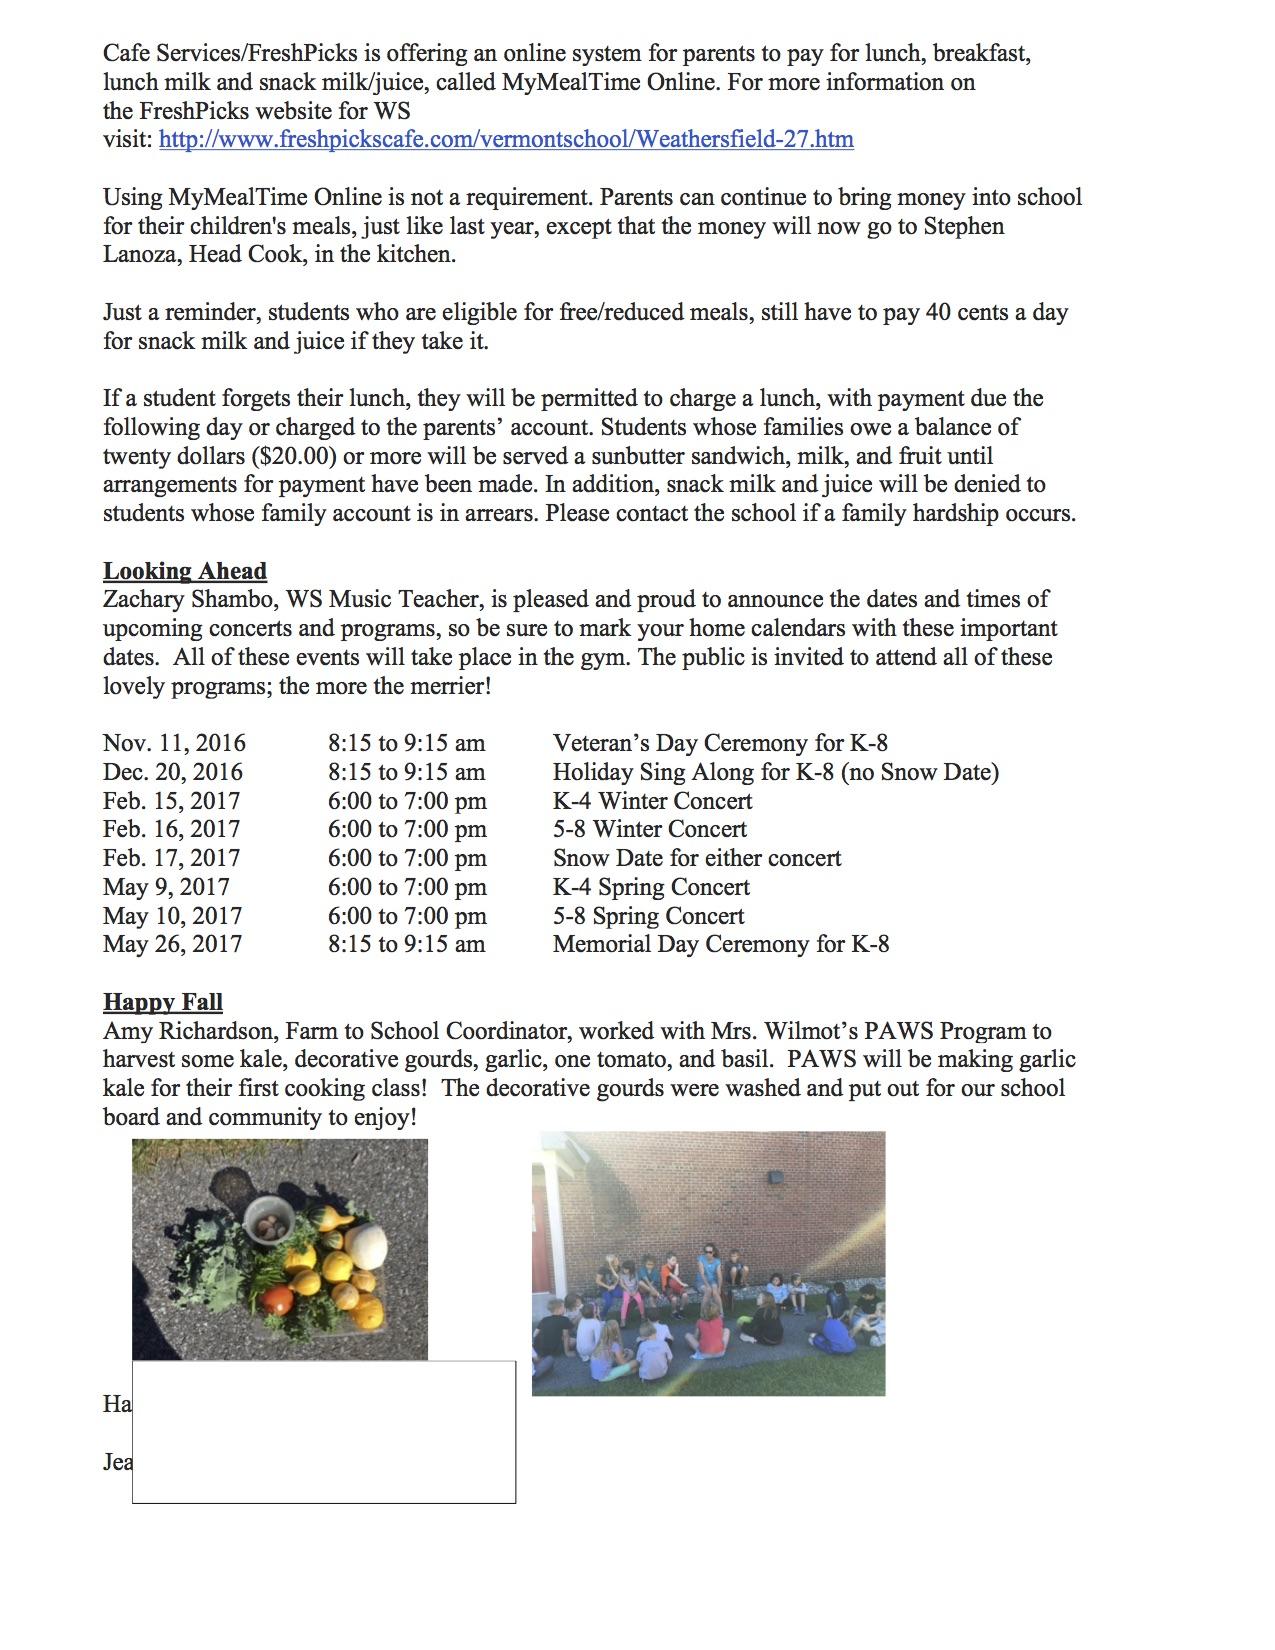 WS-Newsletter-September 16, 2016 2.jpg